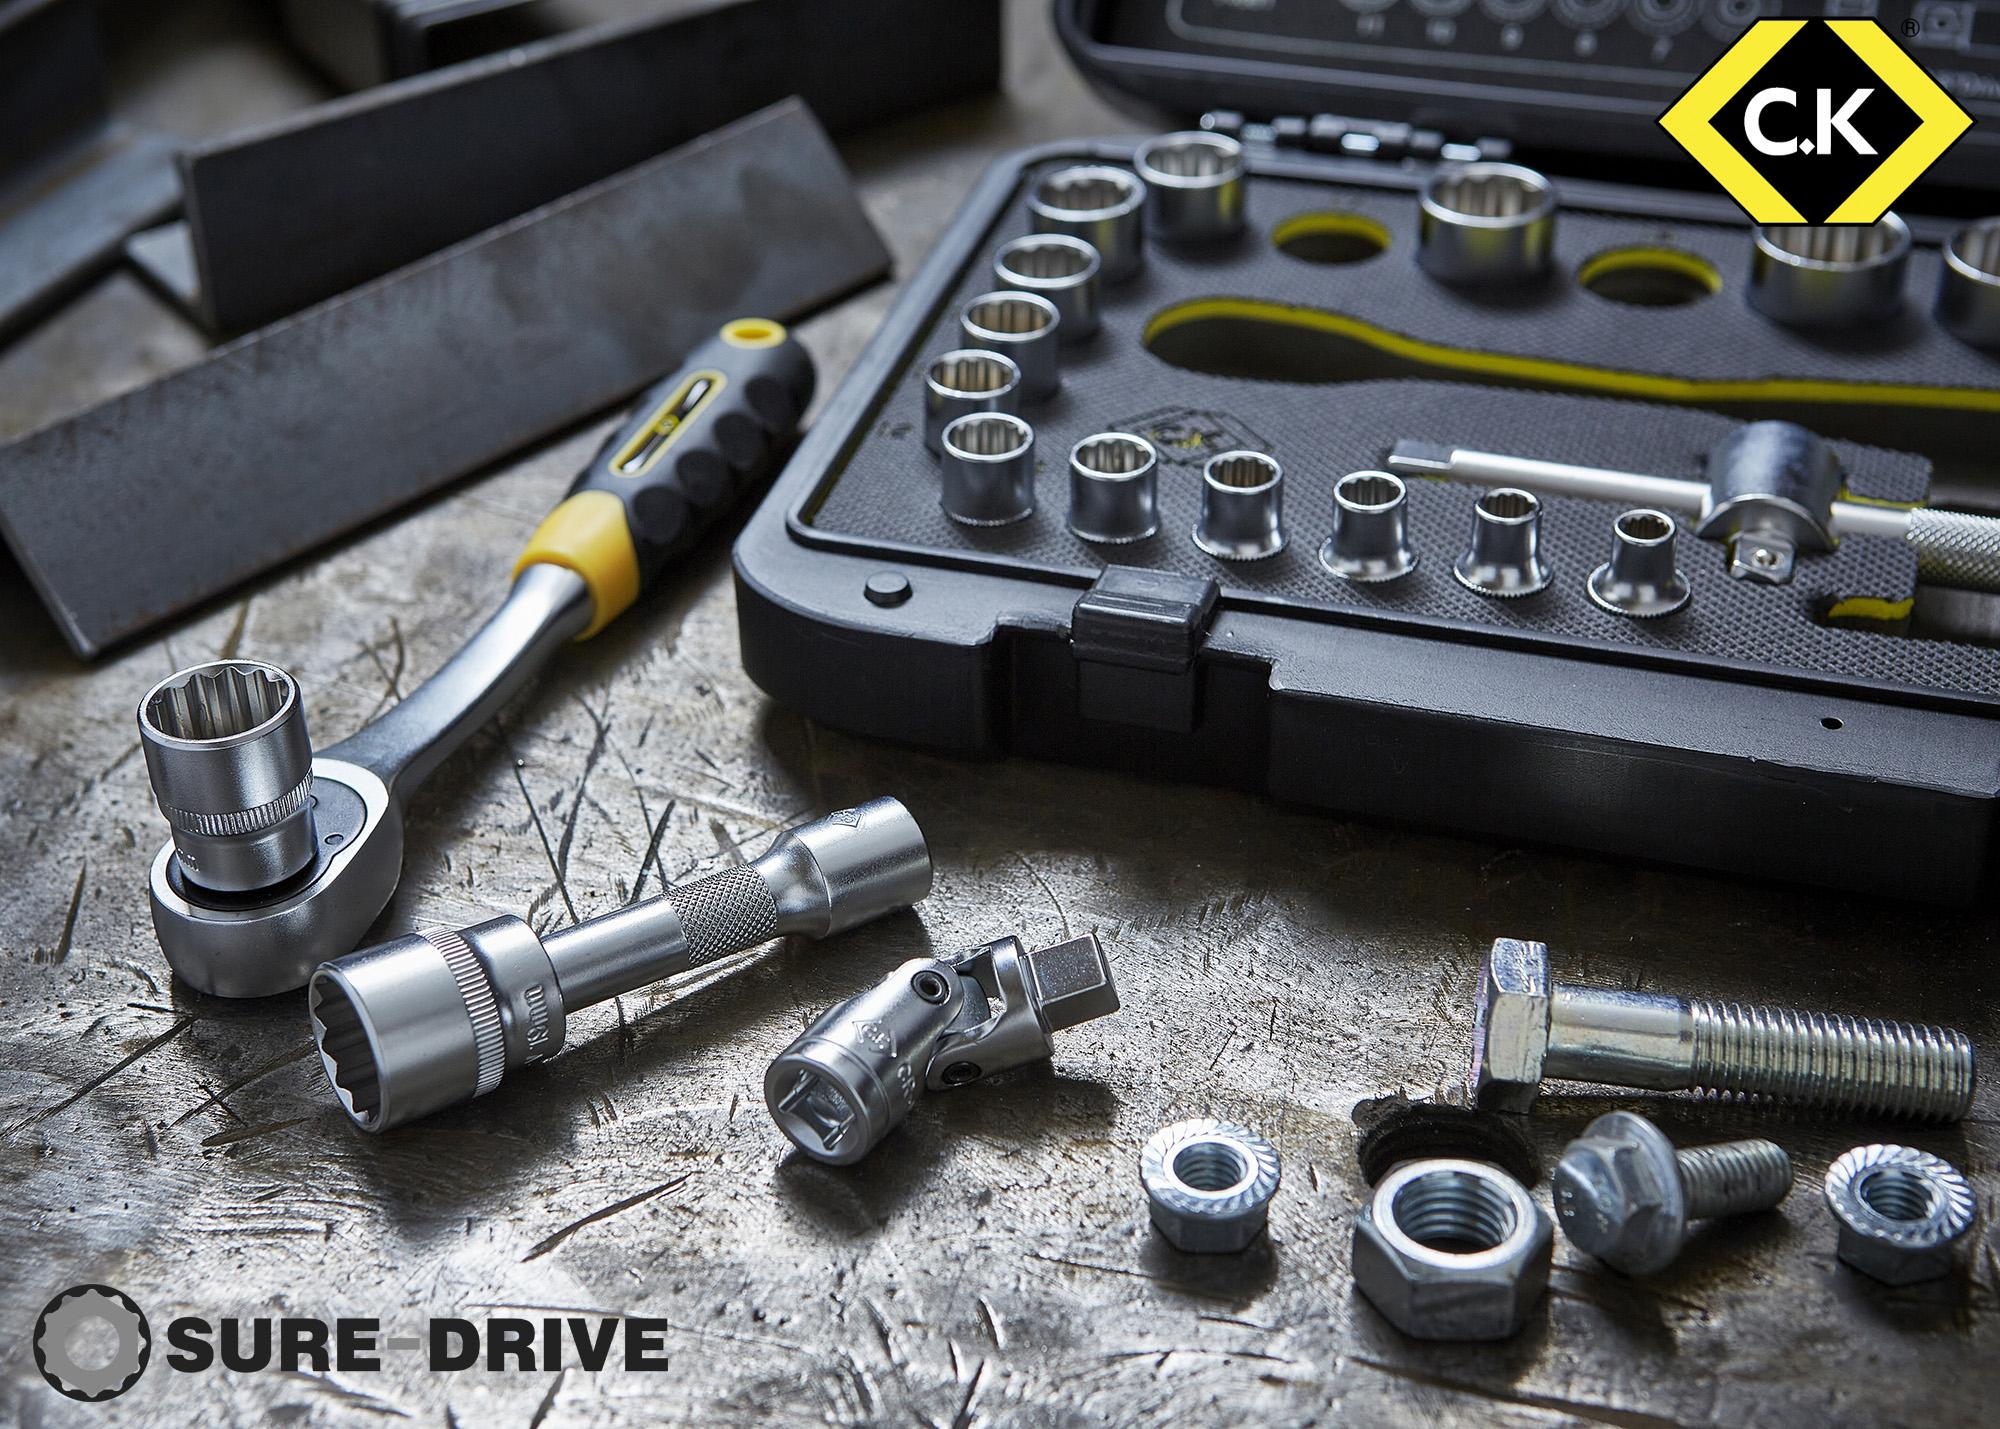 C.K socket tools